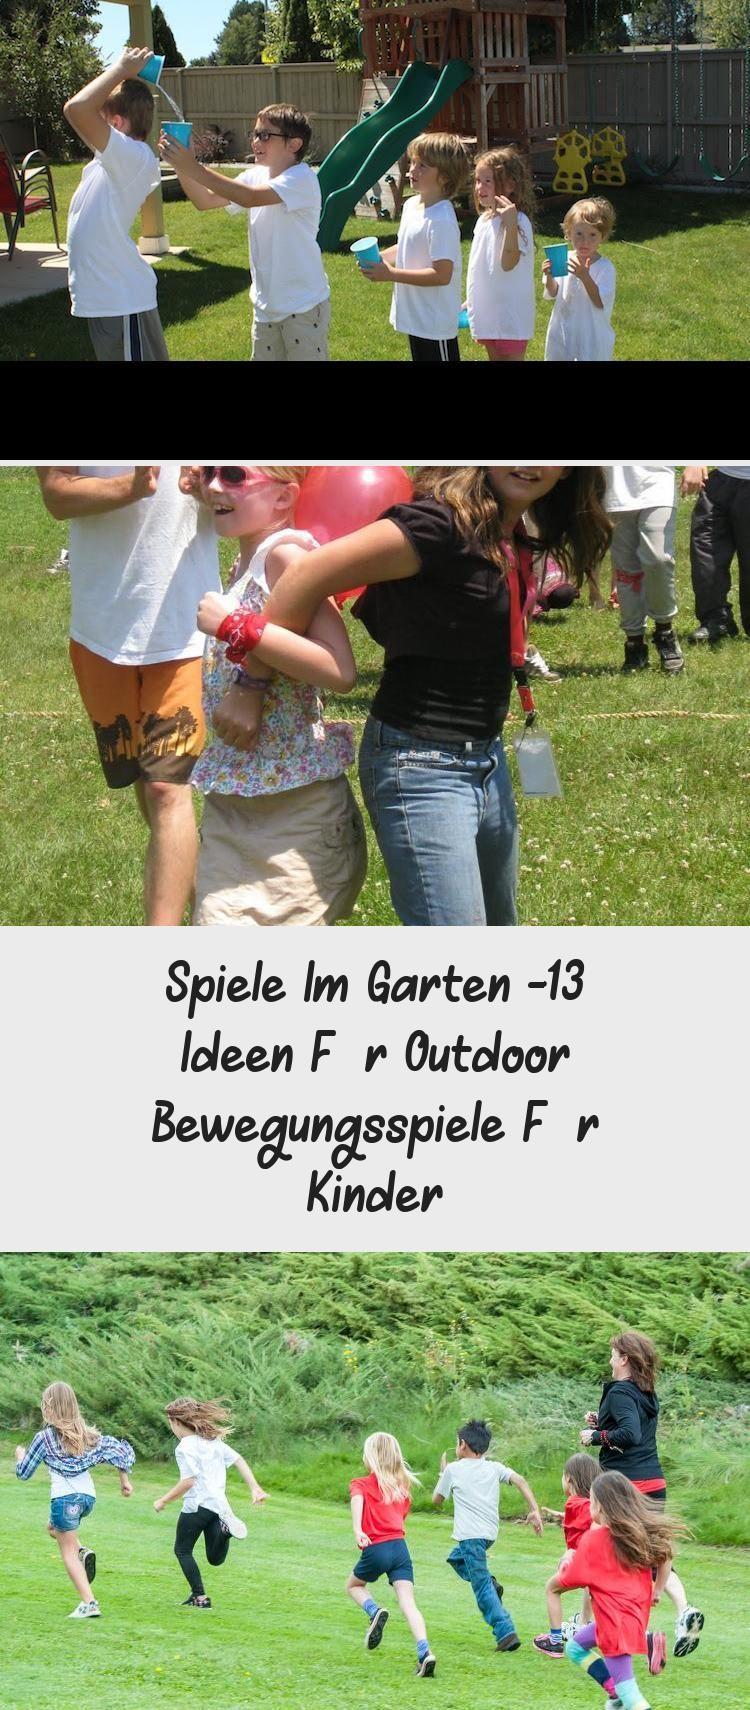 Spiele Im Garten 13 Ideen Fur Outdoor Ubungsspiele Fur Kinder Sandbox Spiele Im Garten Kinder Sandkasten Outdoorspiele Kinder